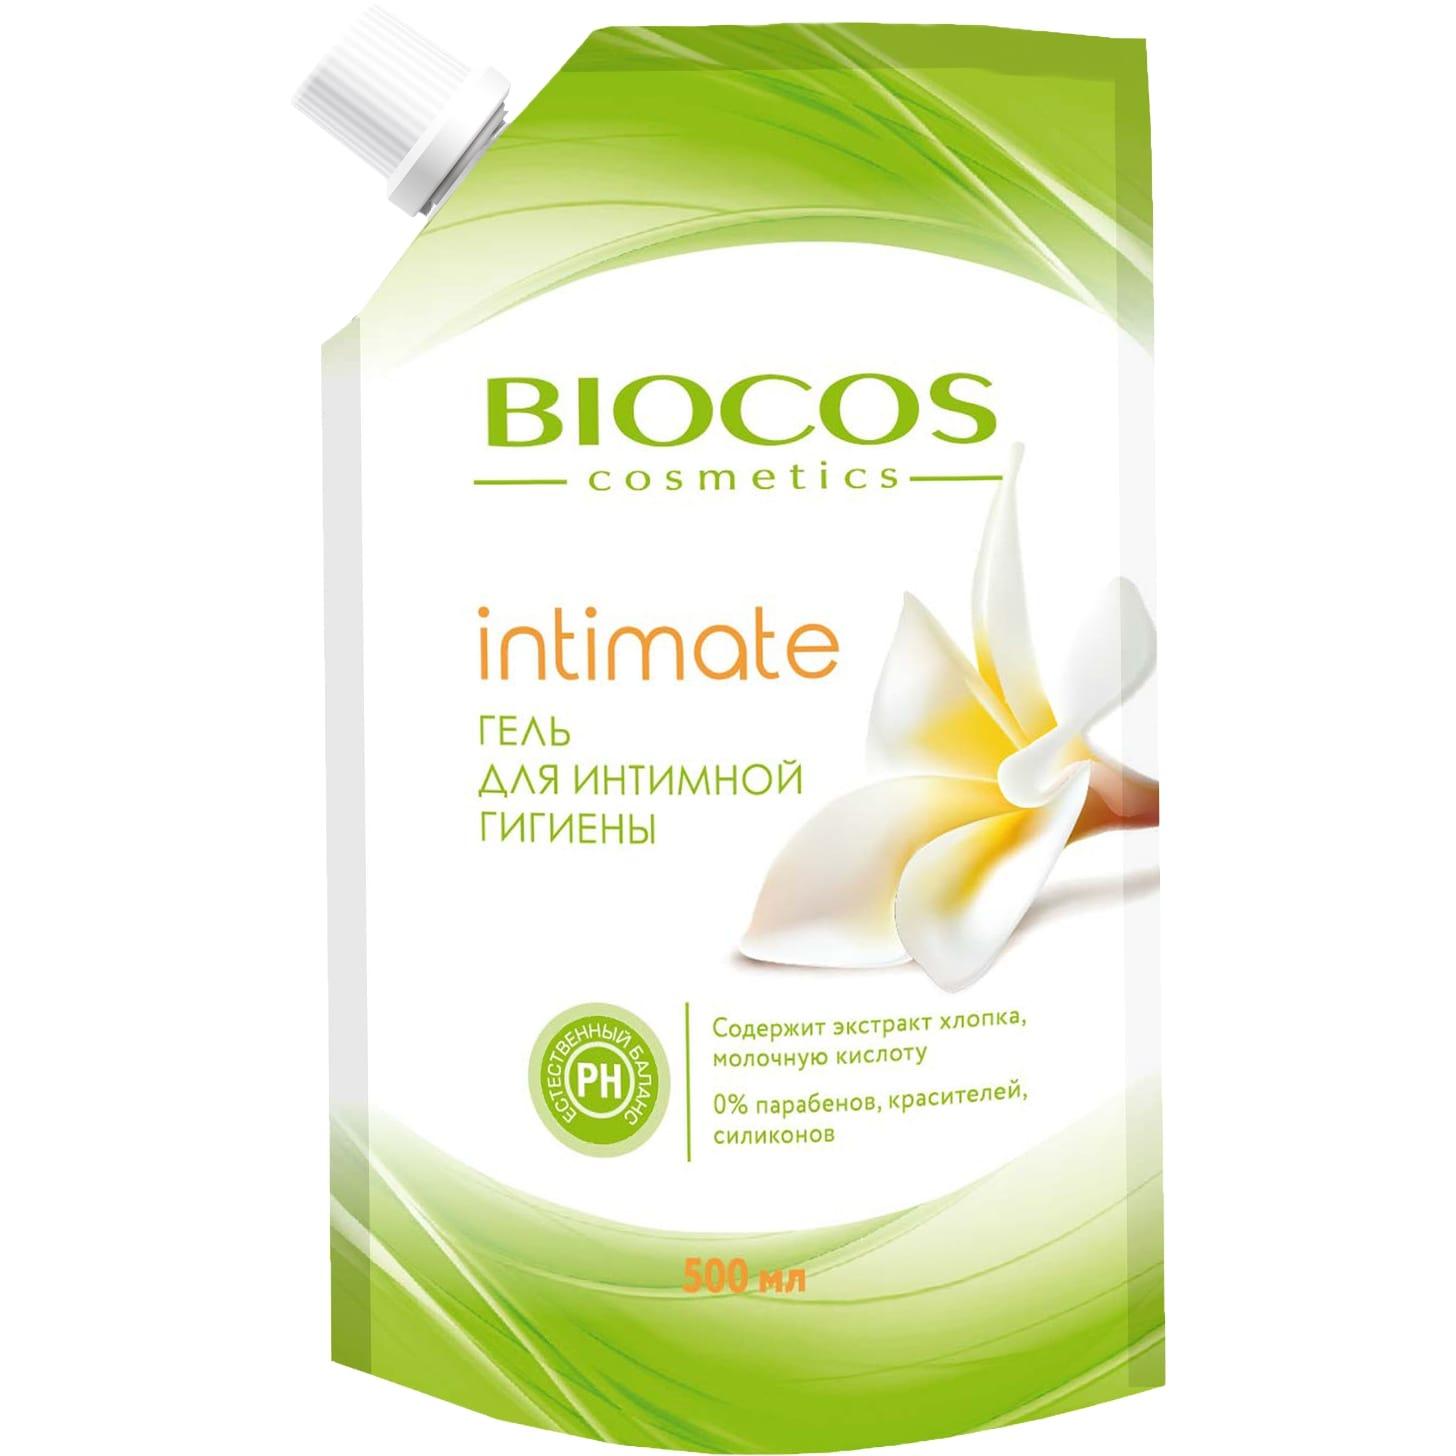 Фото - Гель для интимной гигиены BioCos intimate с экстрактом хлопка и молочной кислотой 500 мл гипоаллергенная мусс пенка для интимной гигиены свежесть и комфорт с молочной кислотой